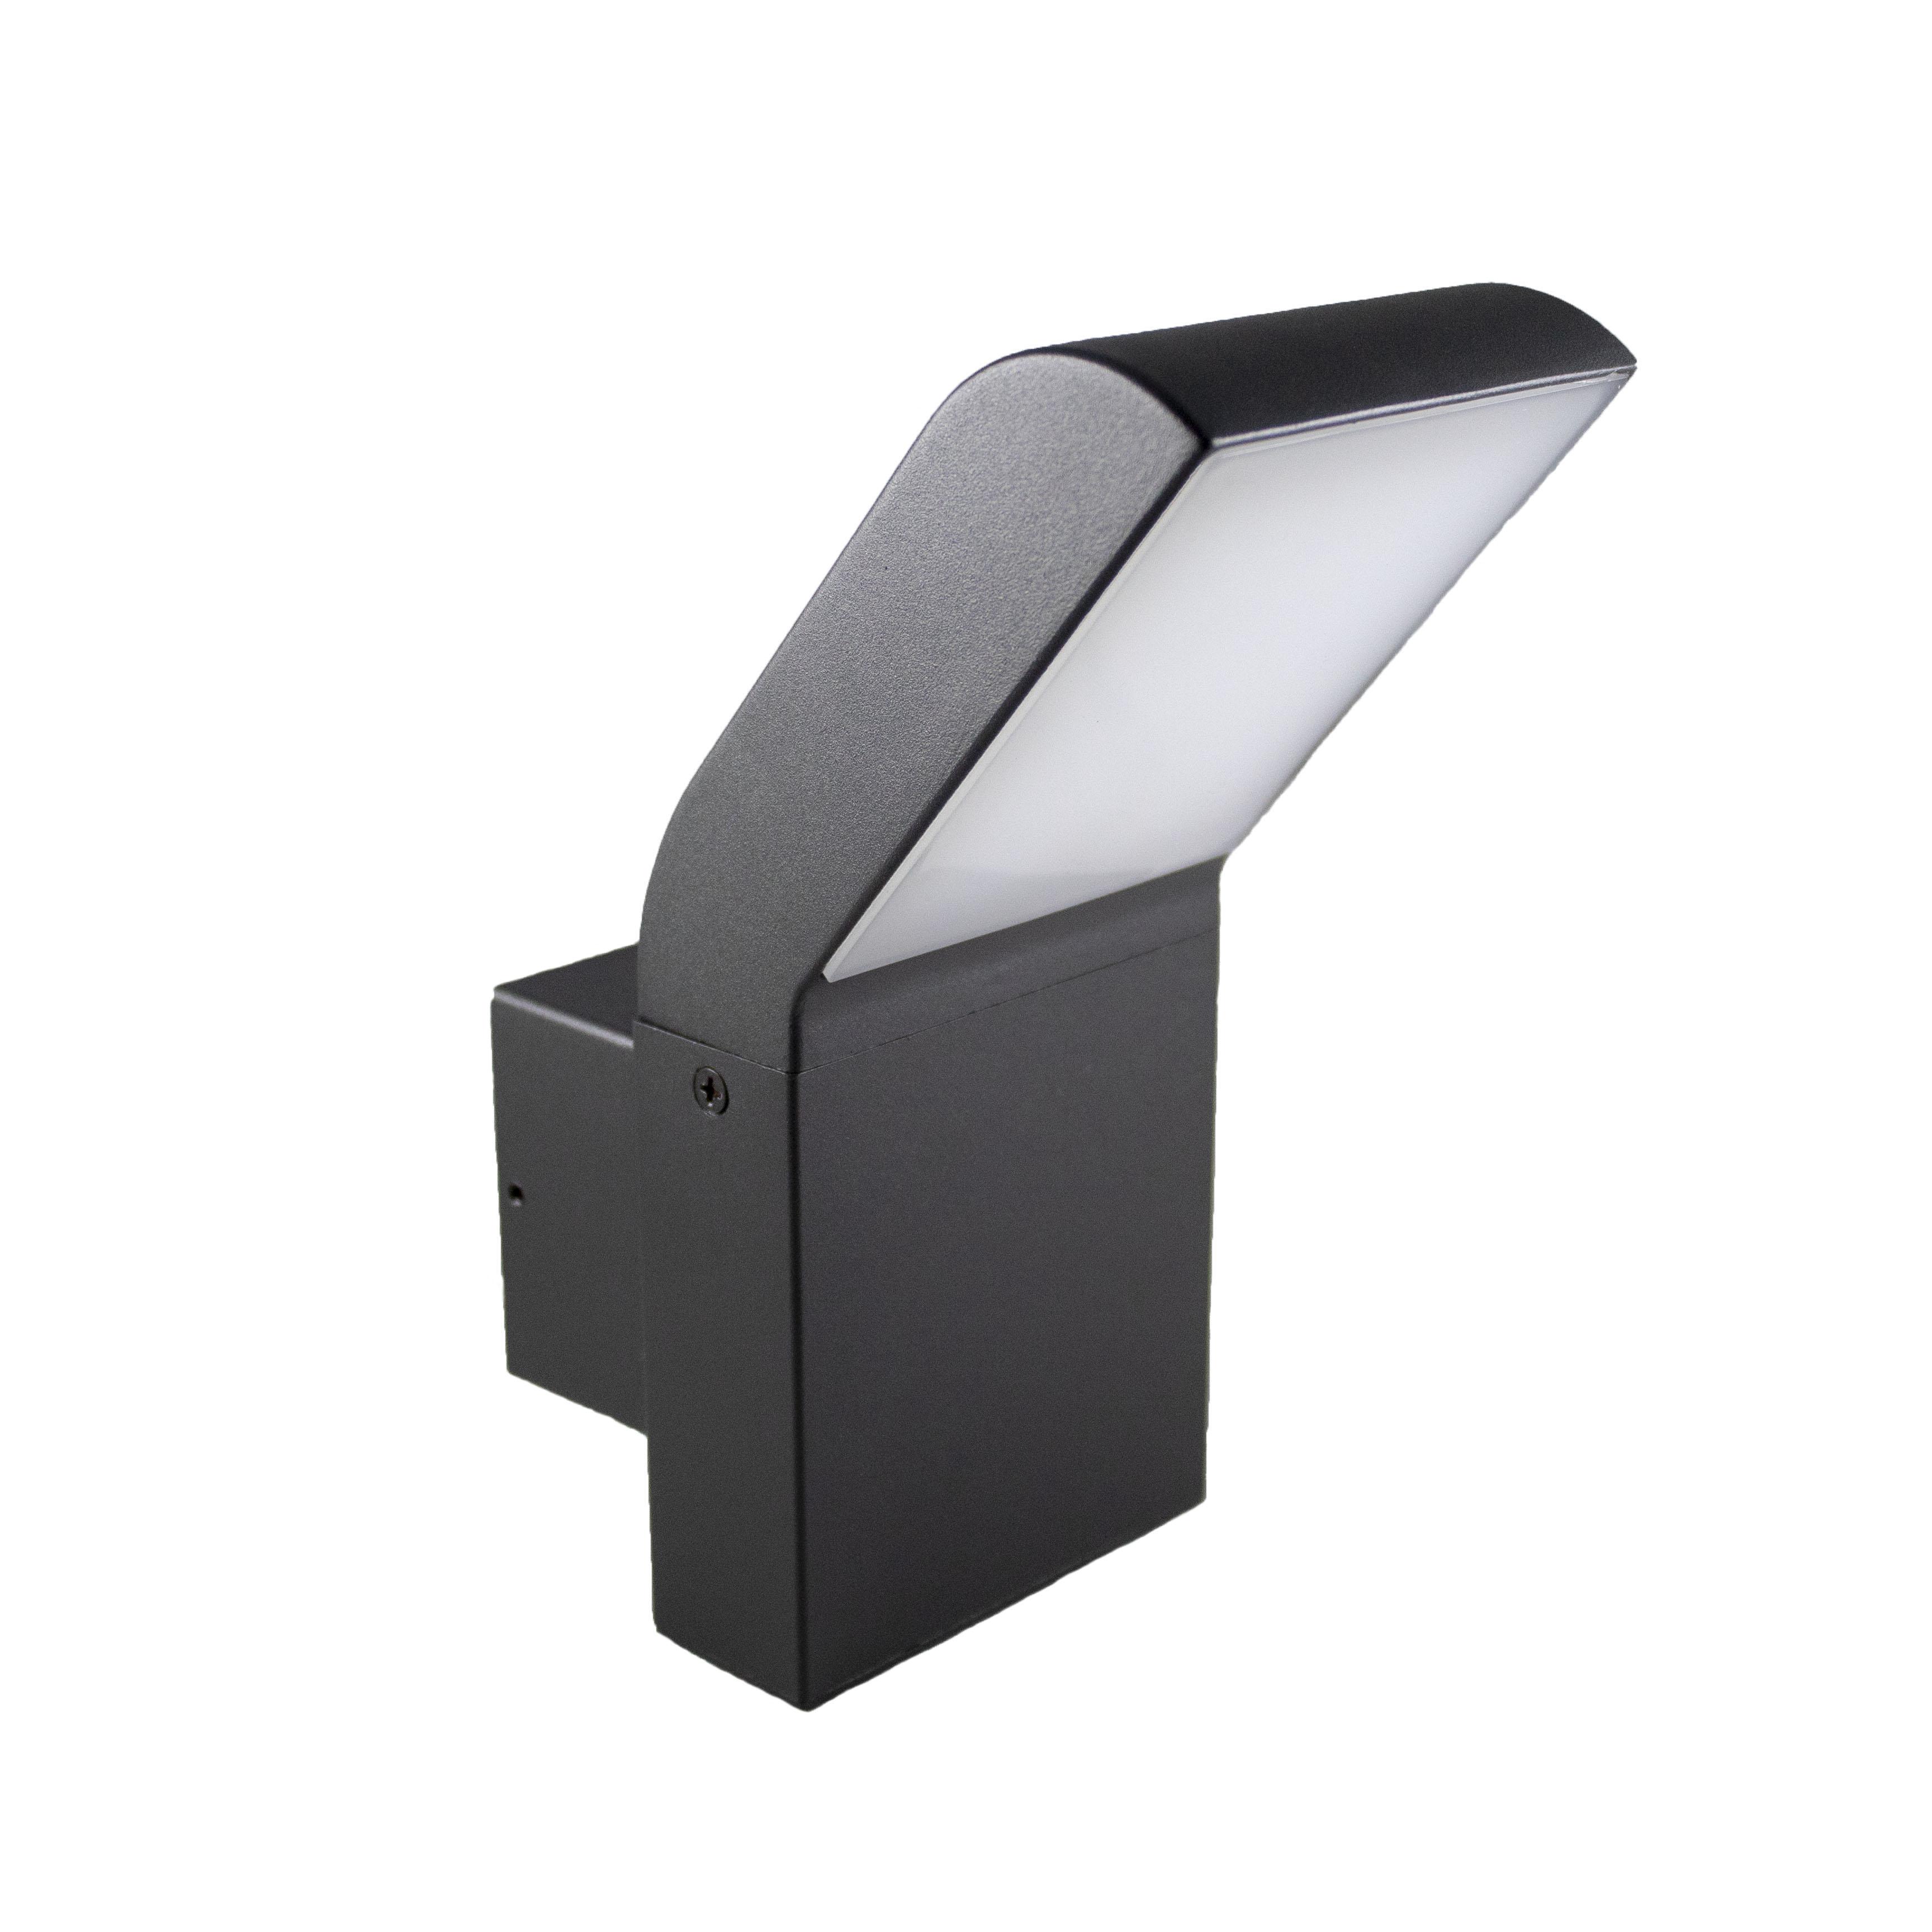 Wandlamp buiten 12 watt 4000K - naturel wit - zijaanzicht